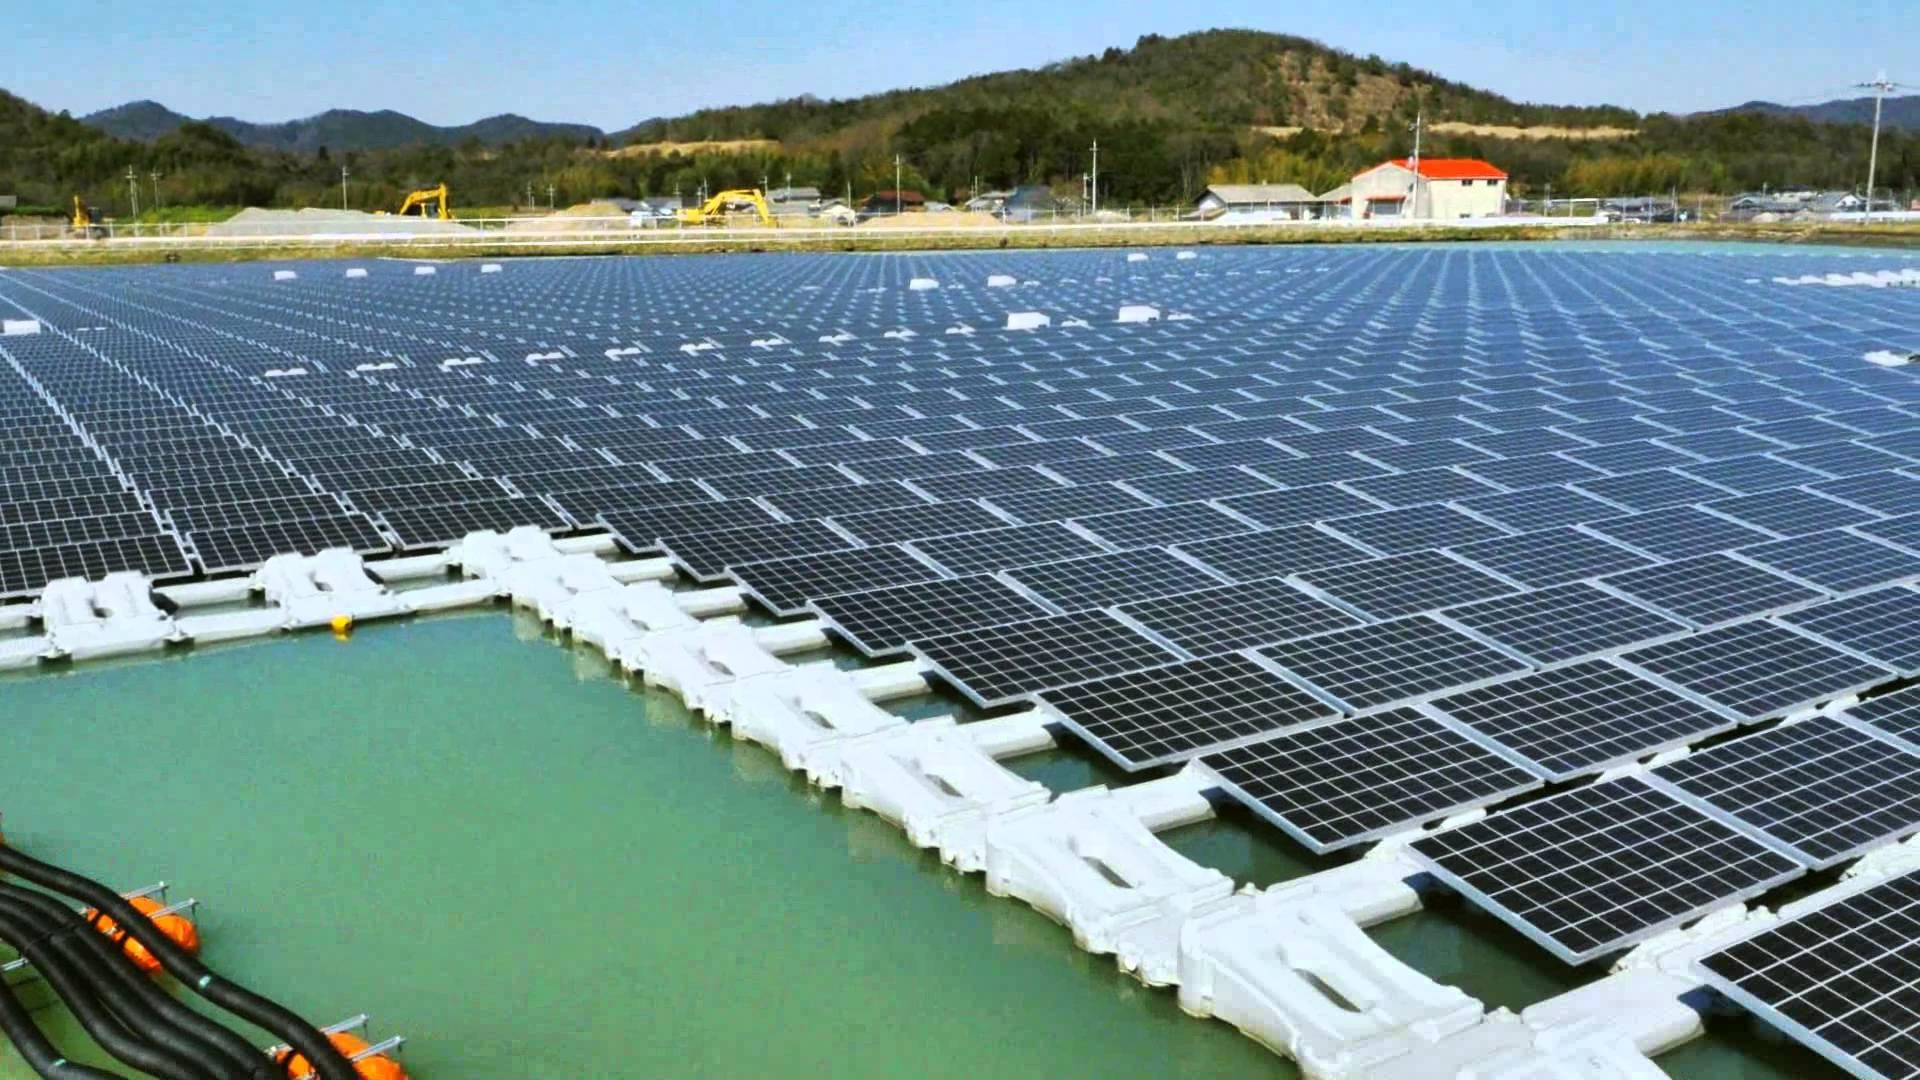 Солнечная установка, плавающая на поверхности воды